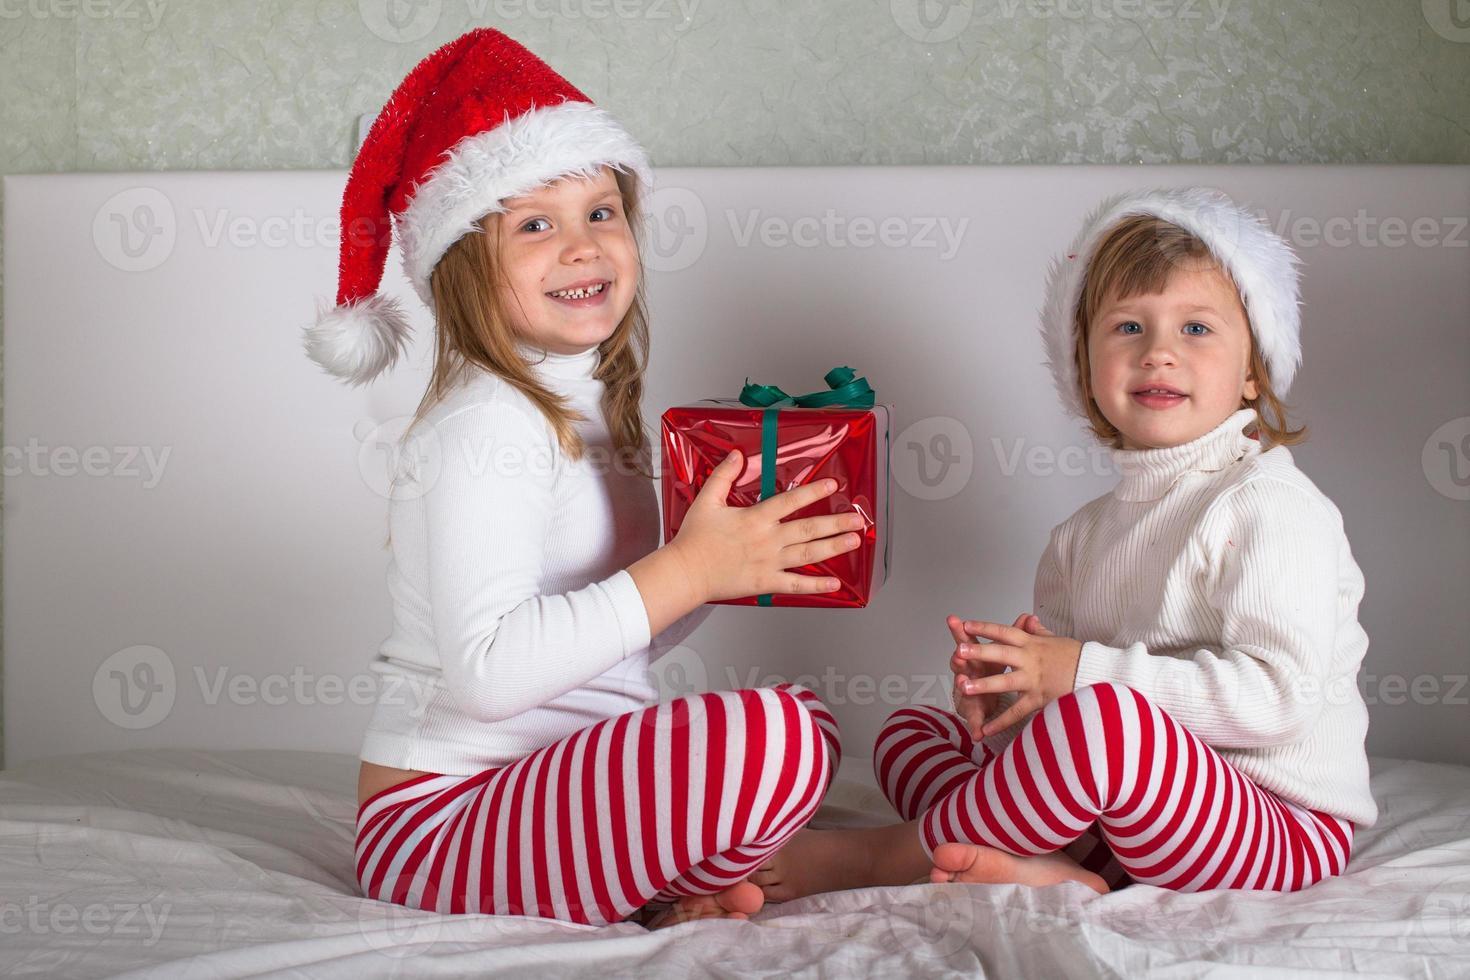 enfants drôles en pyjama et bonnet de Noël photo